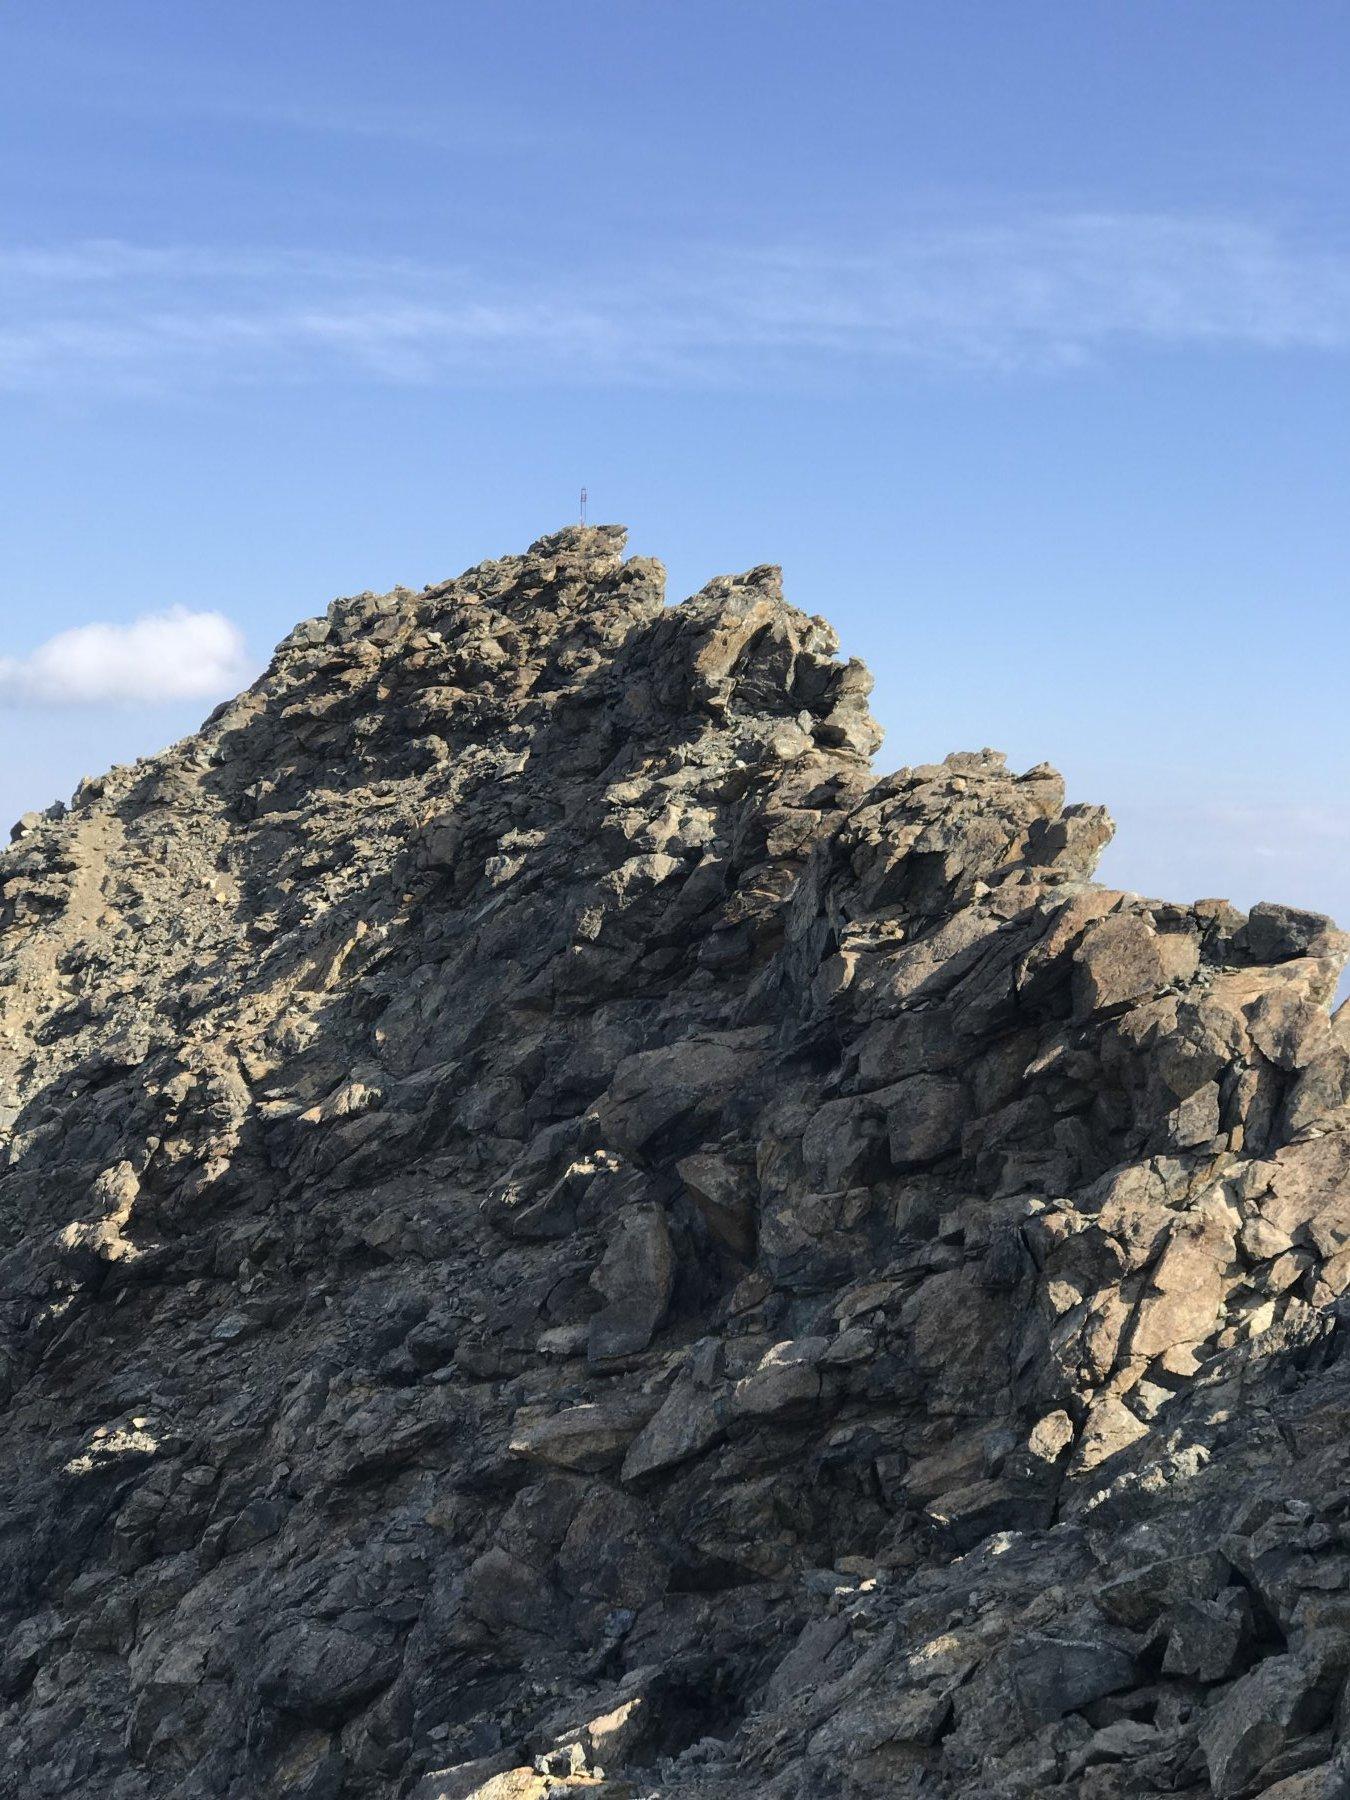 Venezia (Punta) e Rocce Fourion Cresta dal Colle delle Traversette al Colle del Coulour del Porco 2019-07-21